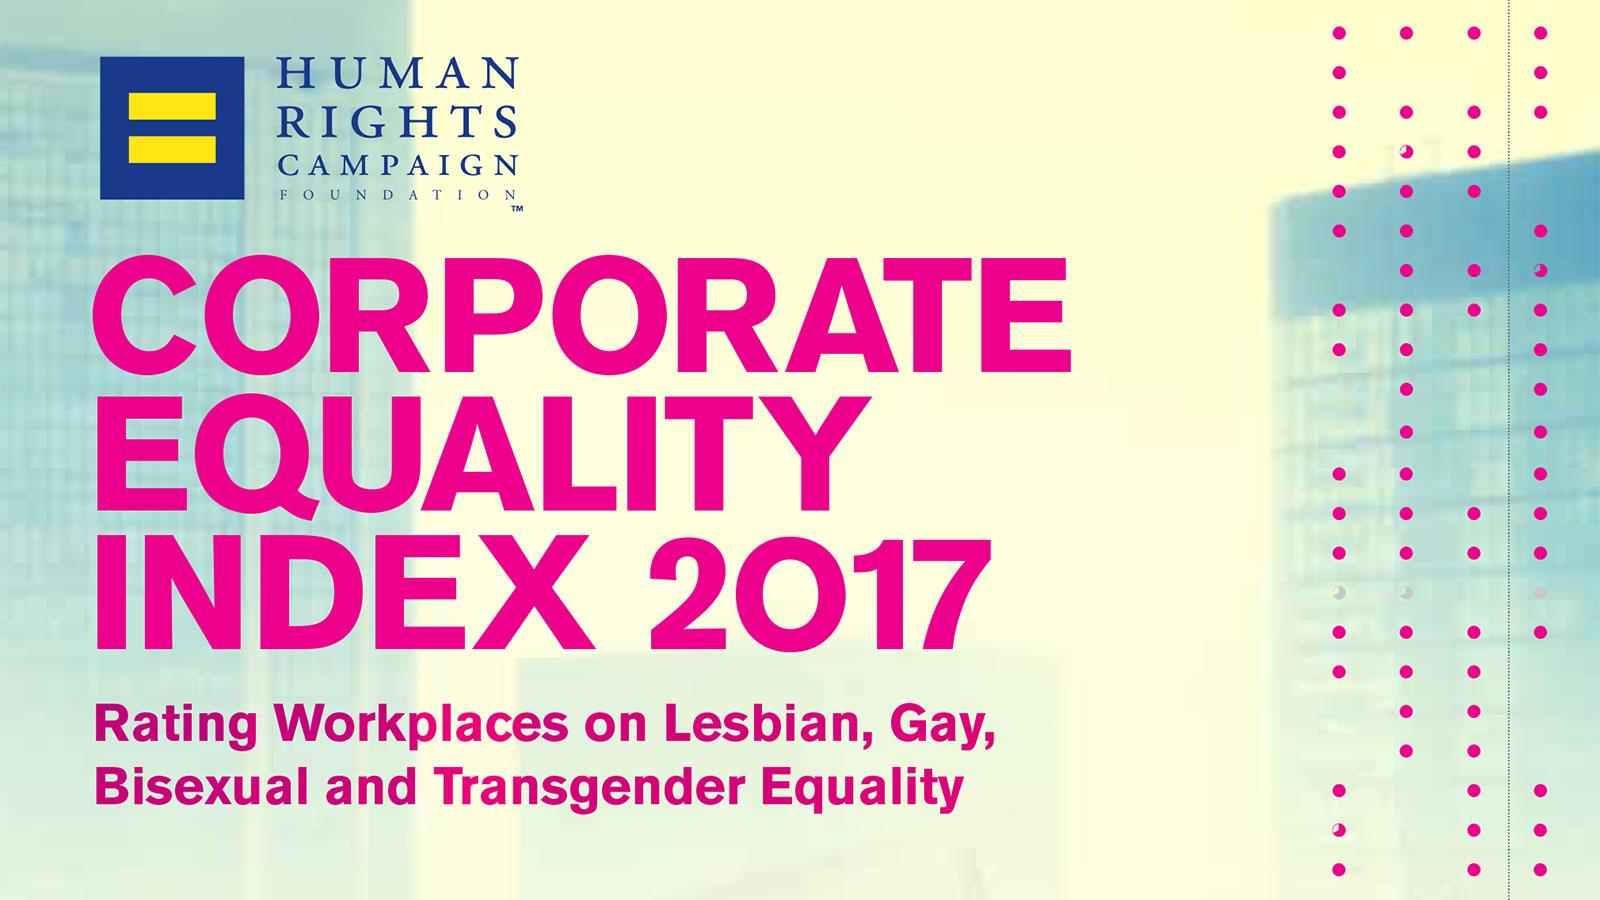 Αποτέλεσμα εικόνας για Rating workplaces on LGBT equality